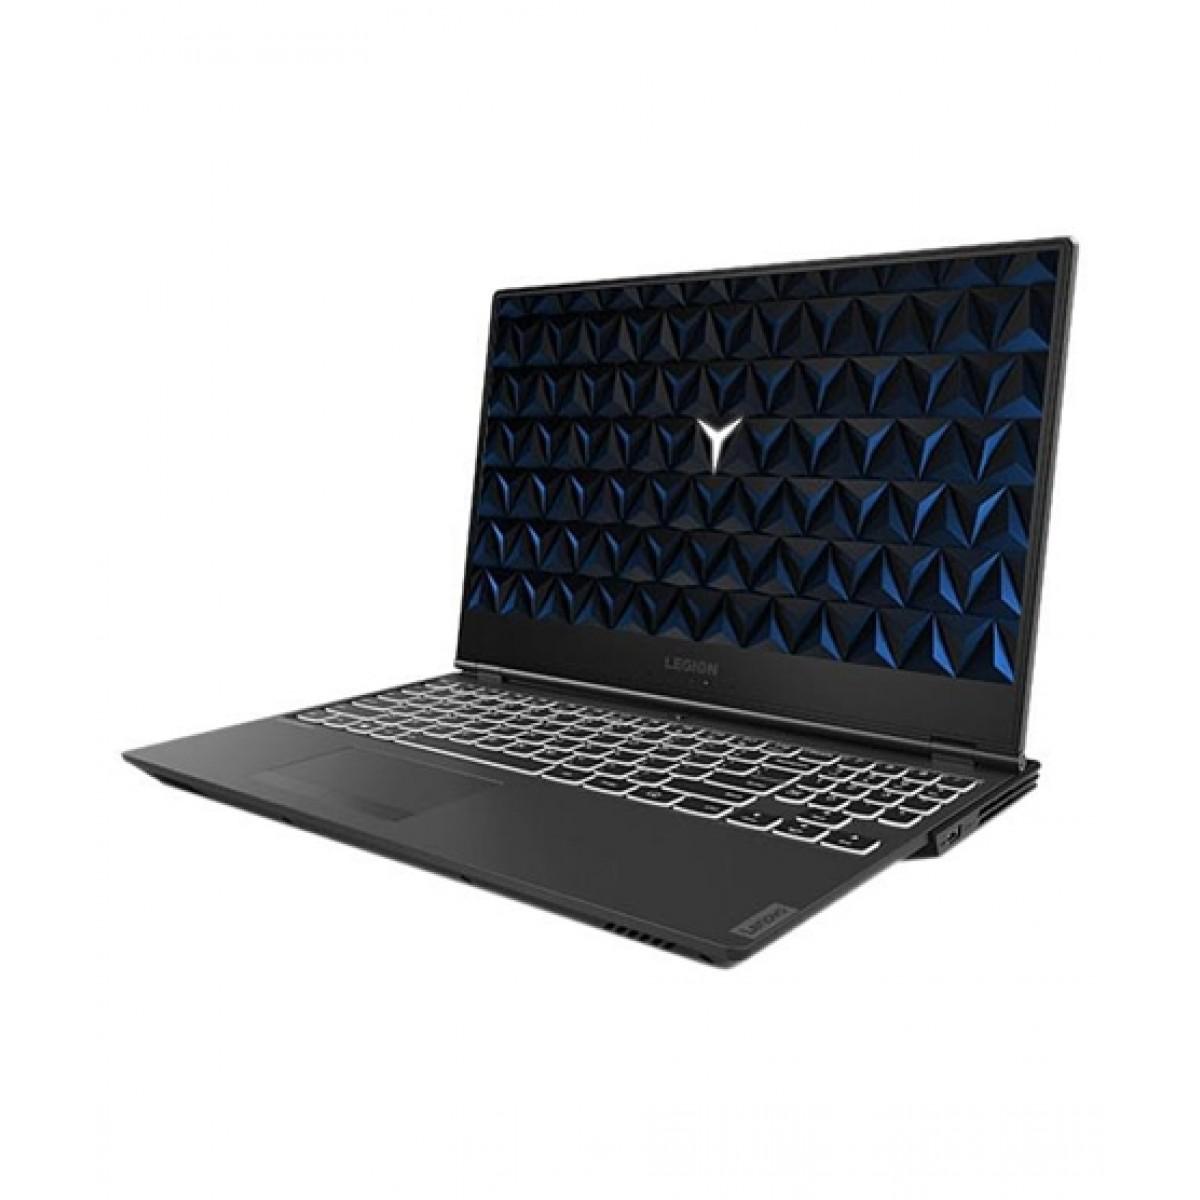 """Lenovo Legion Y540 15.6"""" Core i7 9th Gen 16GB 1TB 256GB SSD GeForce GTX 1650 Gaming Laptop - Without Warranty"""